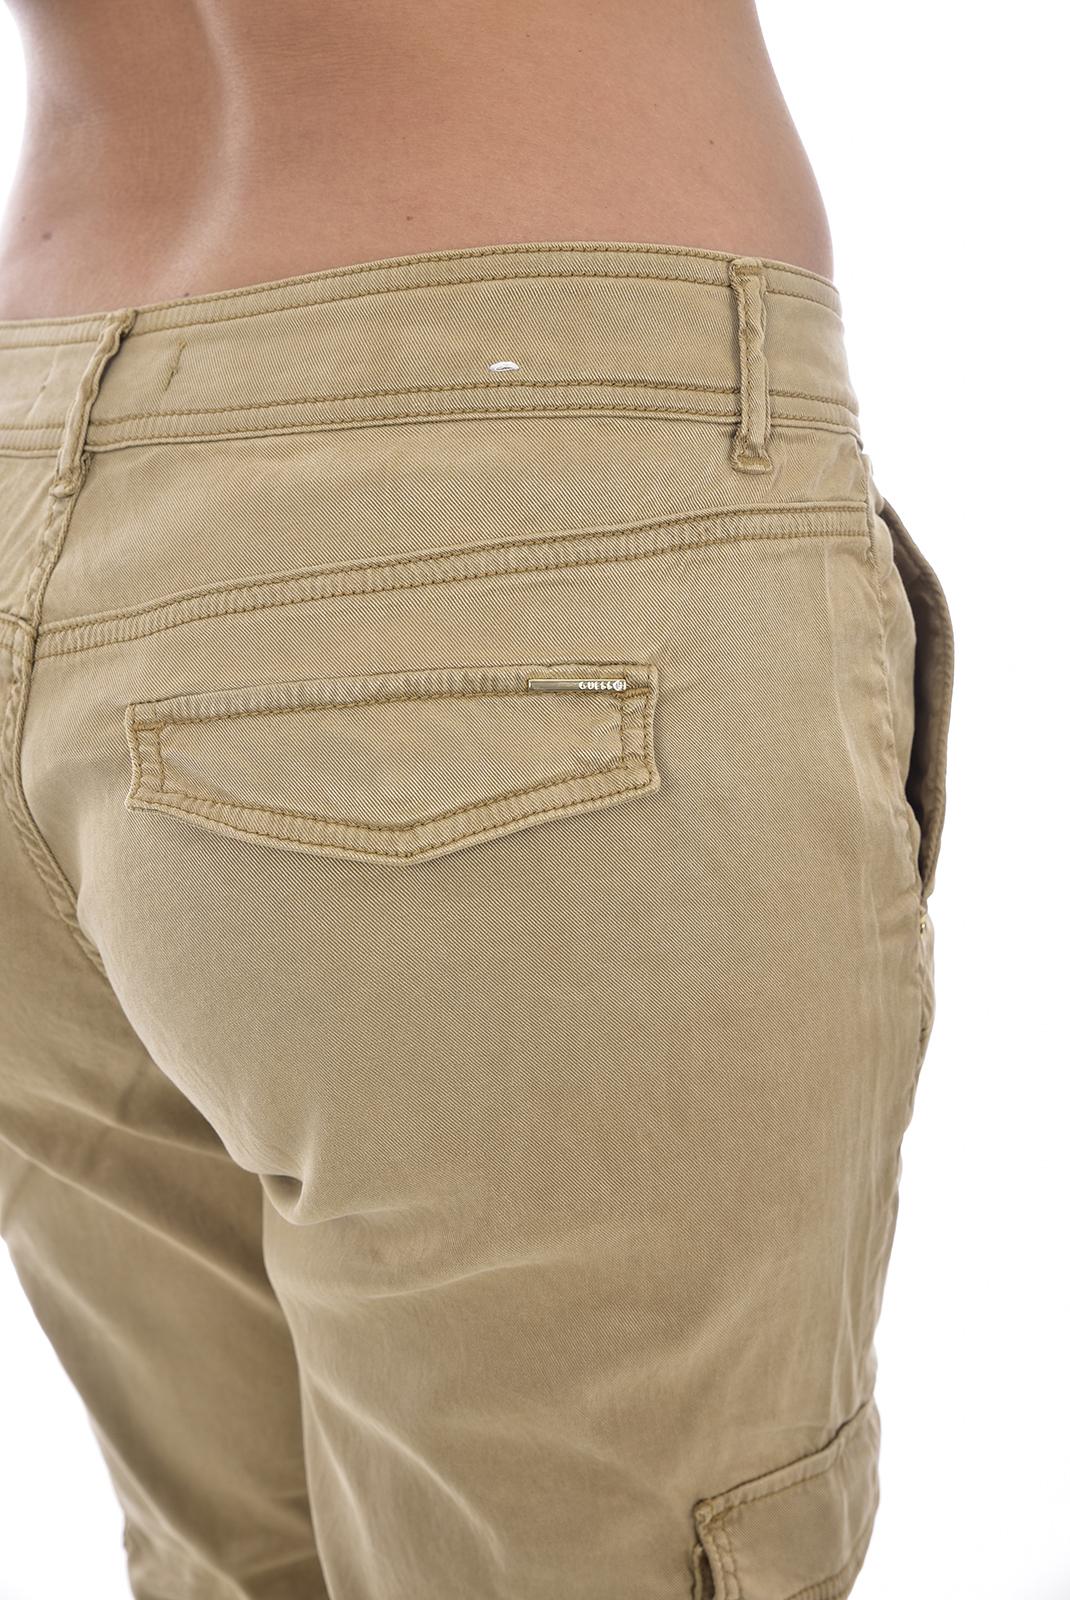 Pantalons  Guess jeans W92B37 WBFG0 G1O1